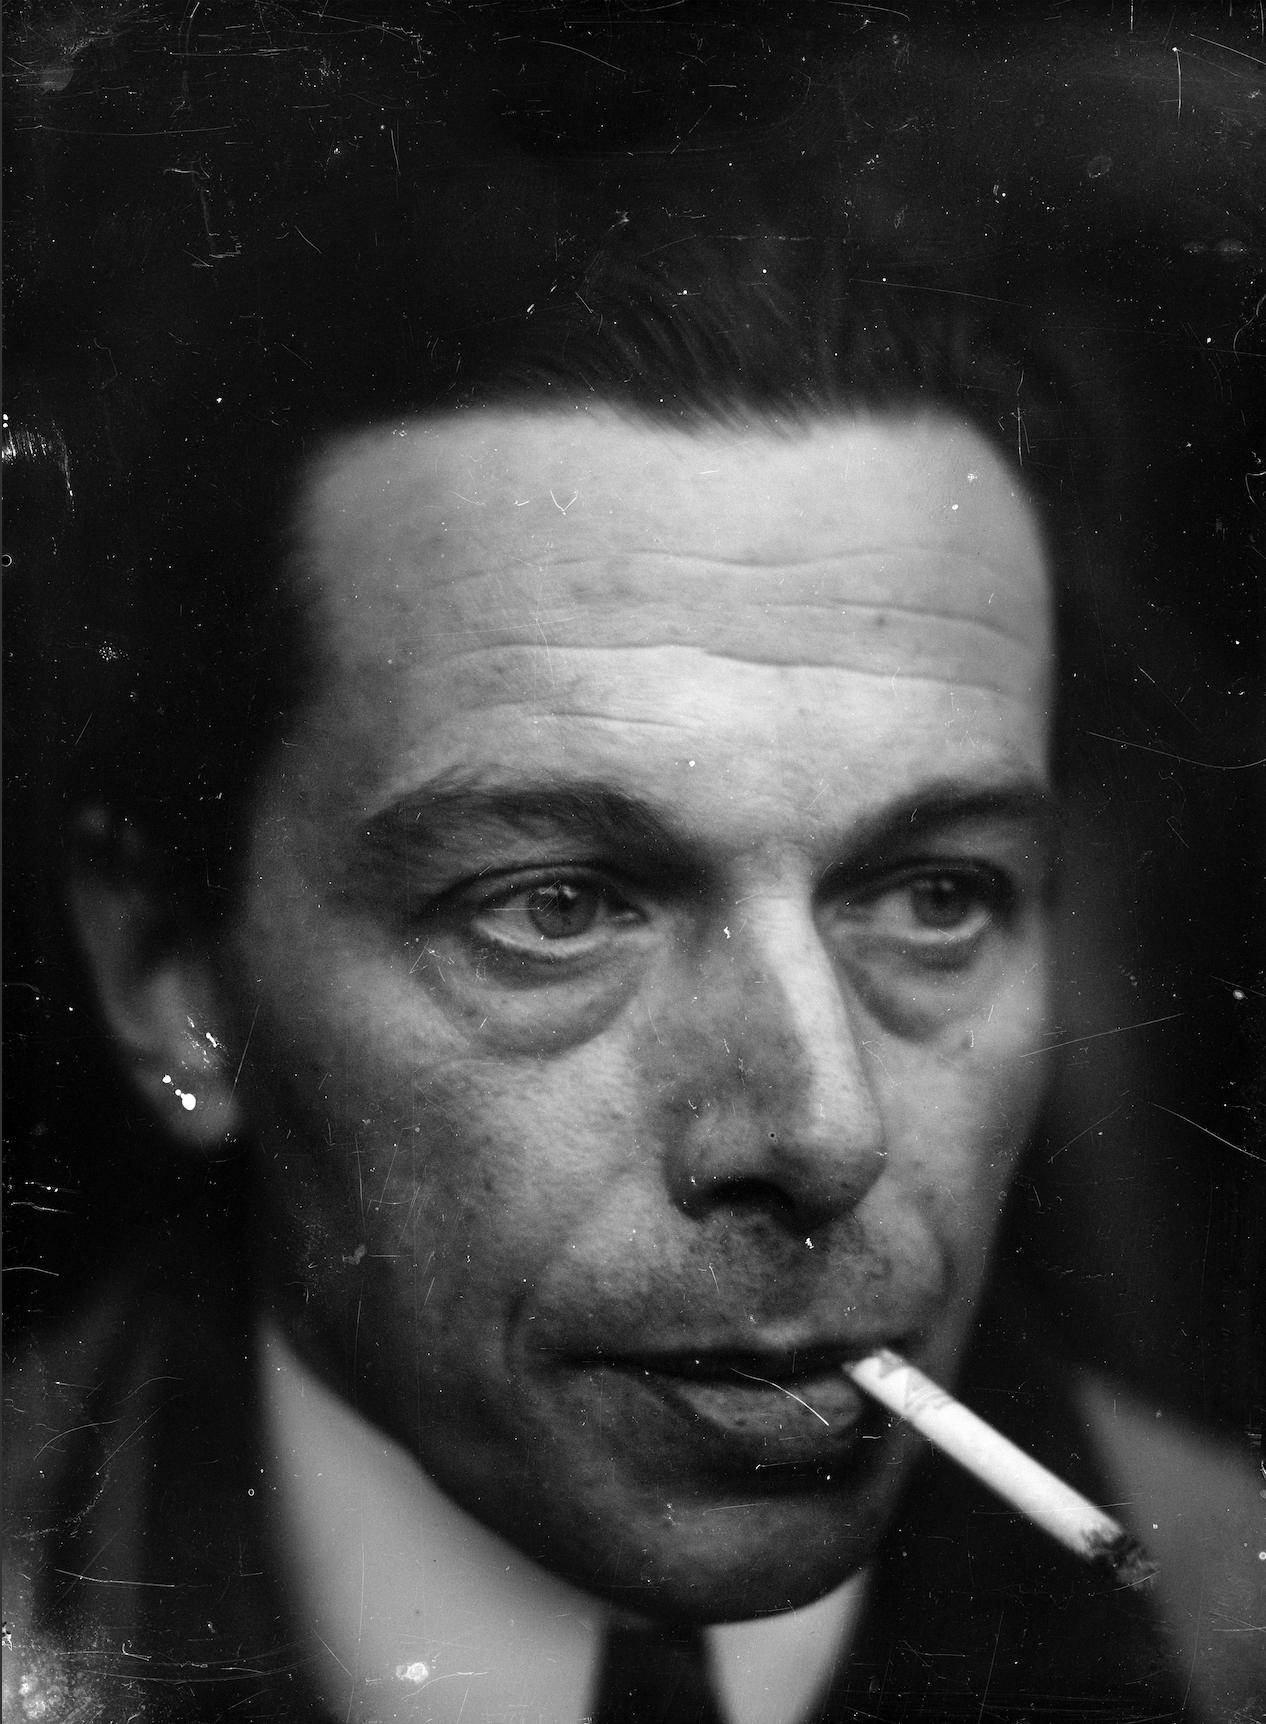 Ernst Ludwig Kirchner Selbstporträt, um 1928 Glasnegativ Kirchner Museum Davos, Schenkung Nachlass Ernst Ludwig Kirchner 1992